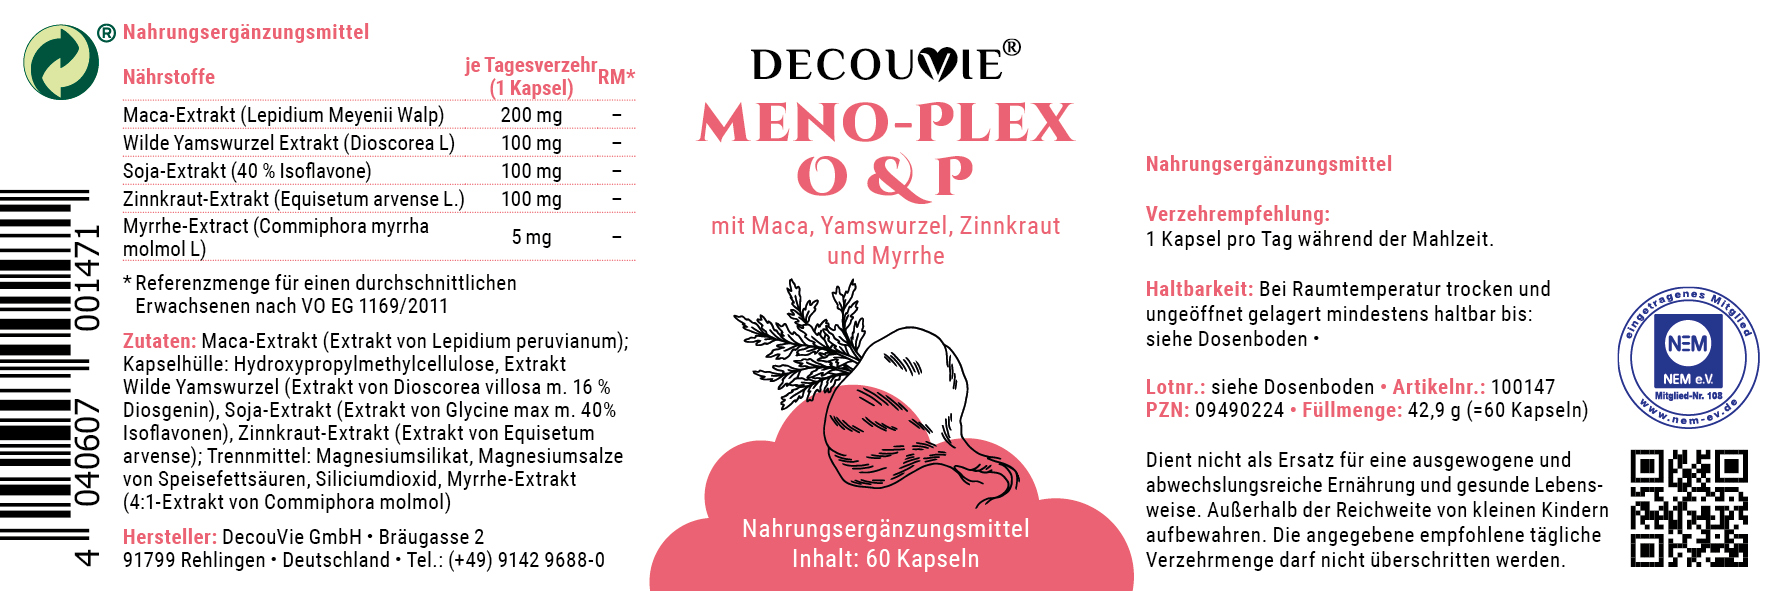 Meno-Plex O&P, zur Verminderung von Mangelerscheinungen in den beginnenden Wechseljahre, 60 Kapseln